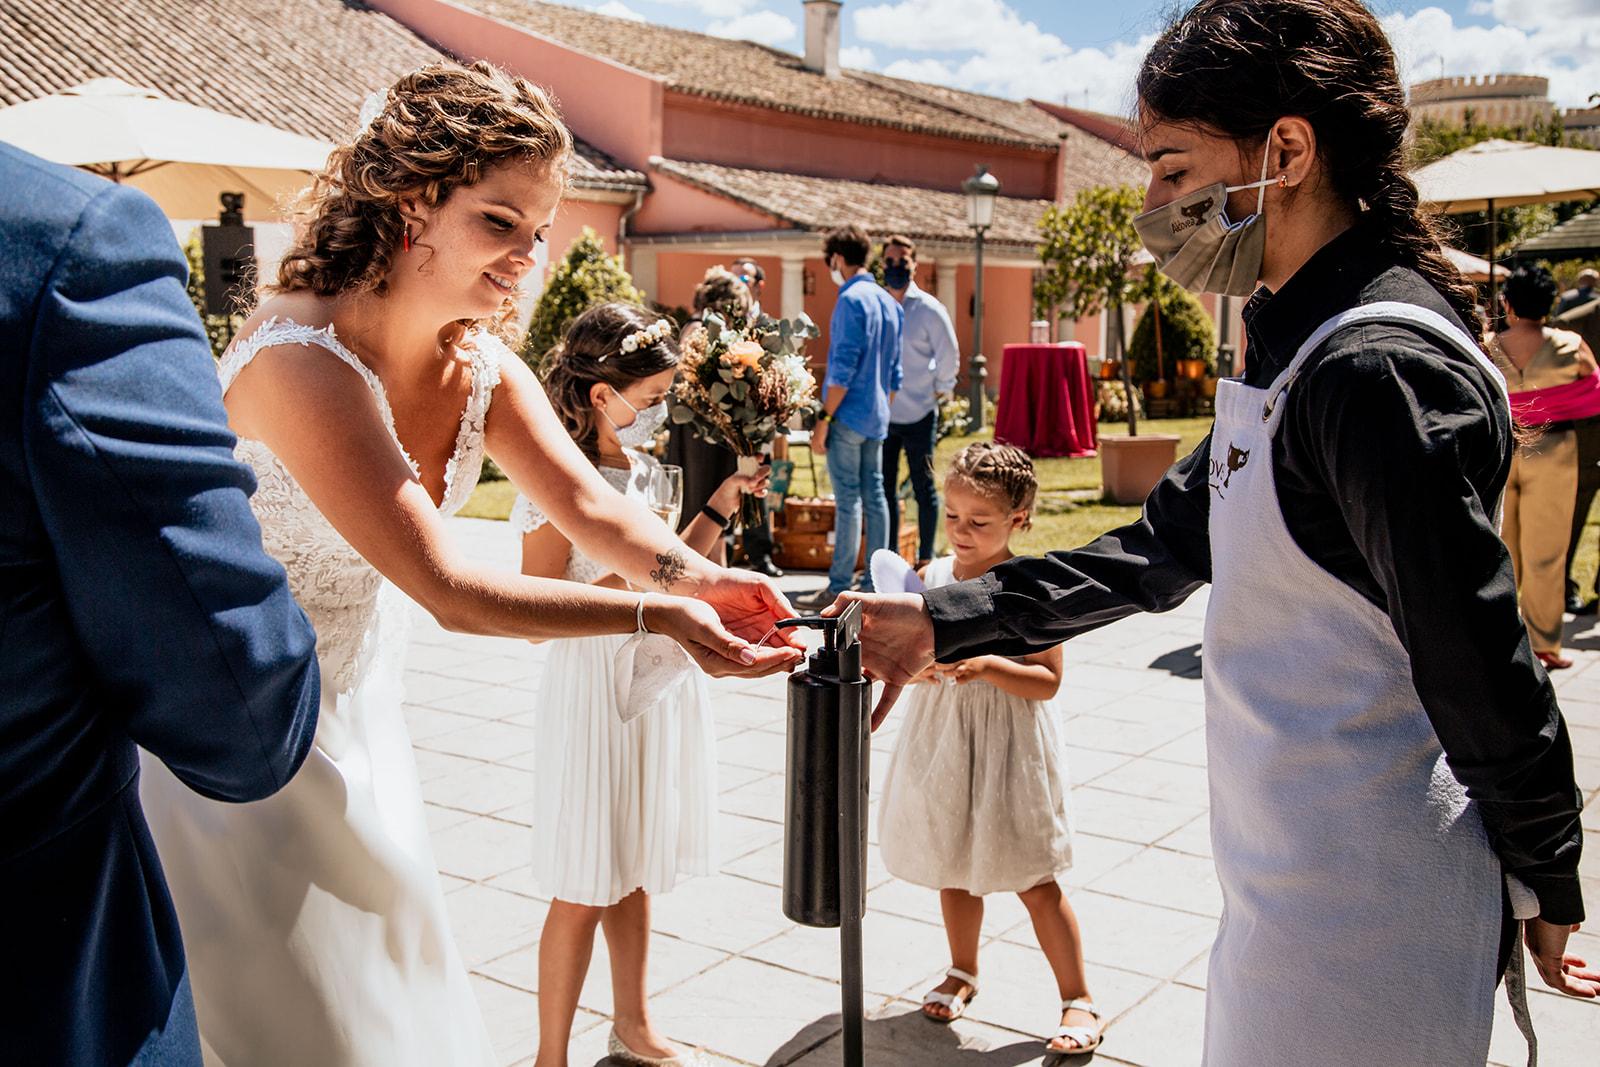 novia lavandose las manos antes de entrar a Boda en Pabellon de Caza Castillo de Viñuelas Madrid